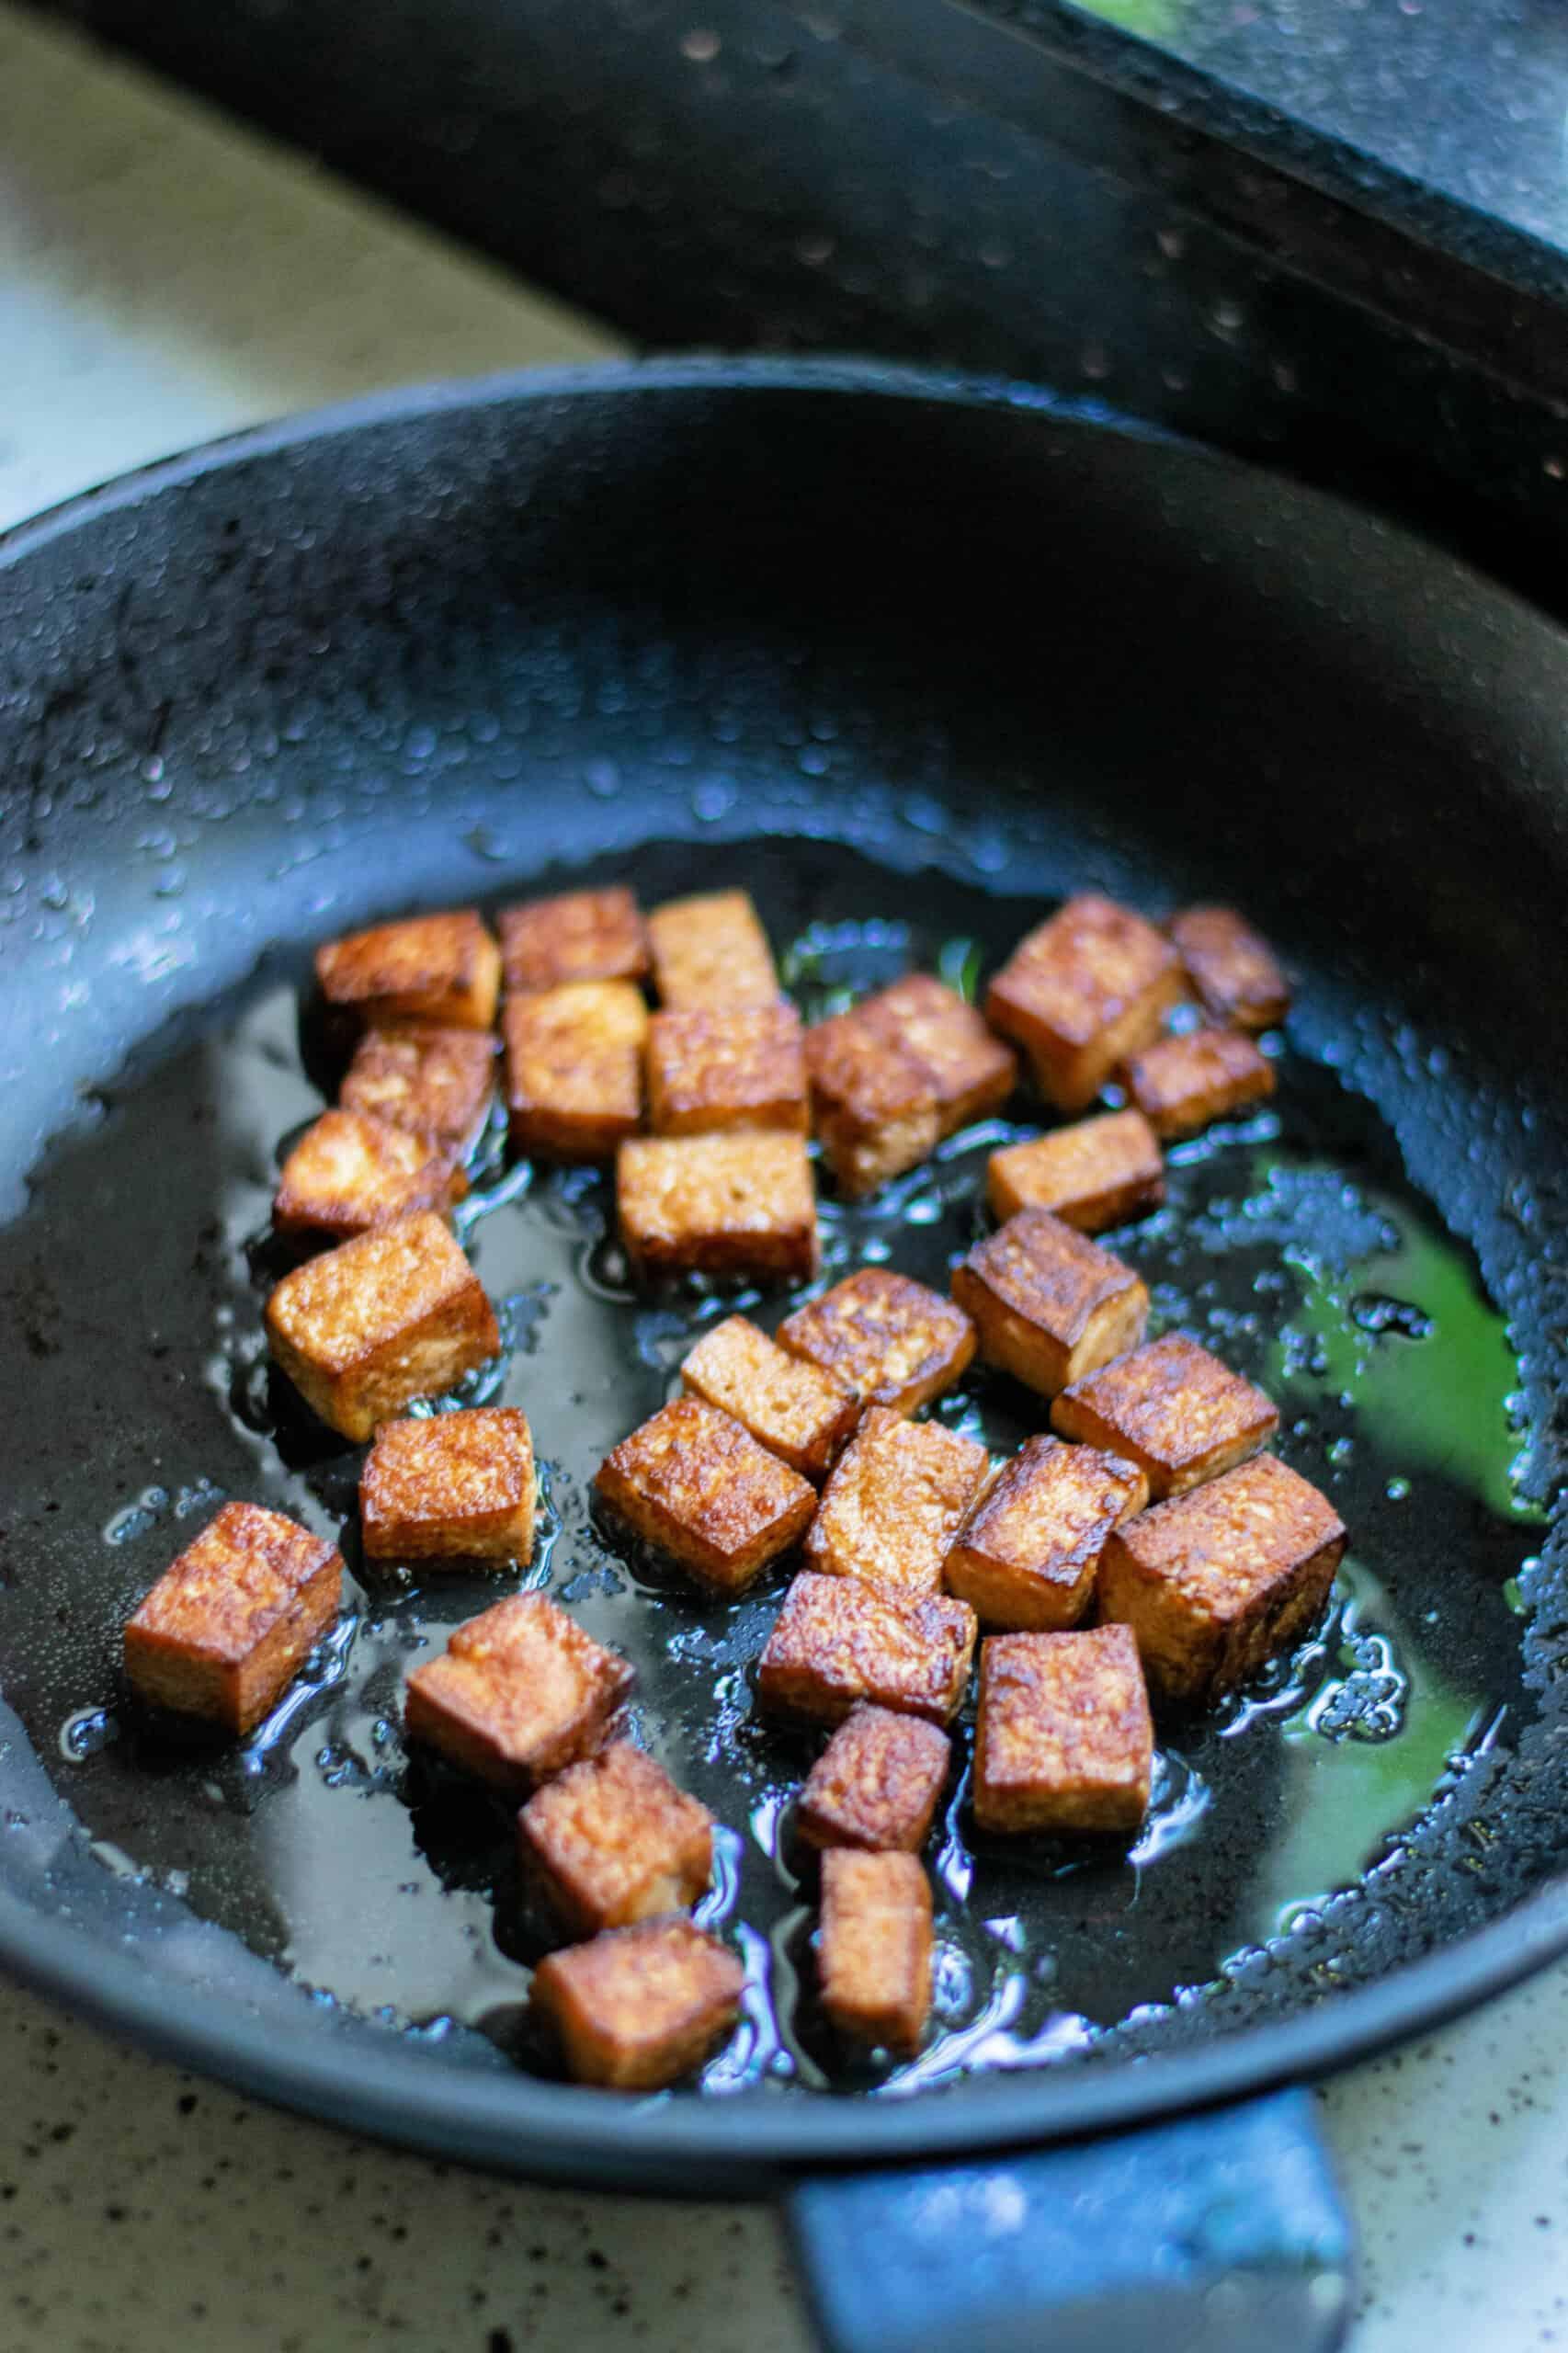 Searing tofu